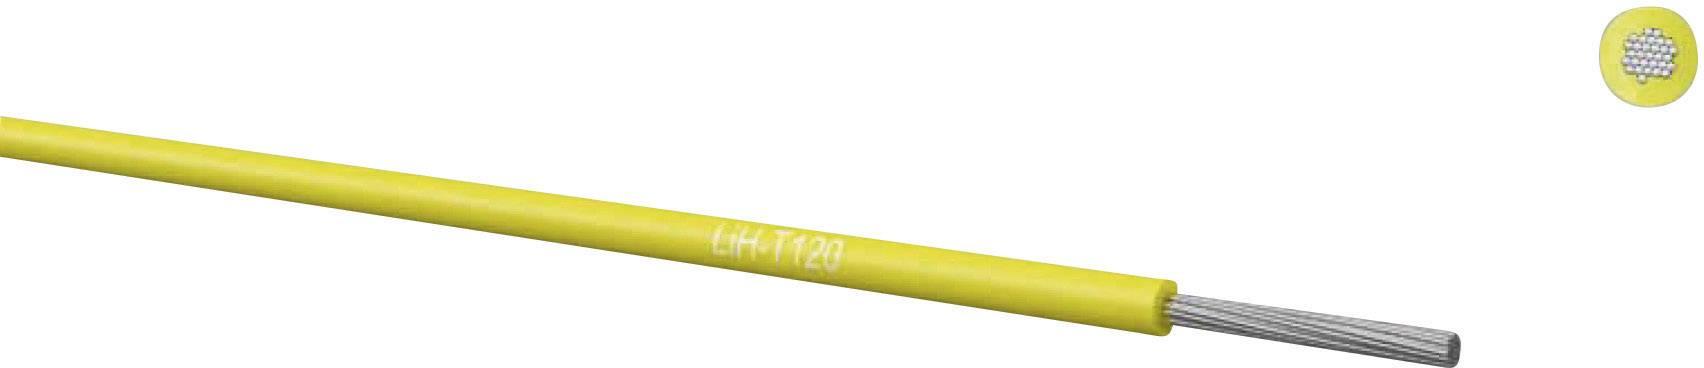 Opletenie / lanko Kabeltronik 65005002 LiH-T, 1 x 0.50 mm², vonkajší Ø 1.50 mm, metrový tovar, hnedá